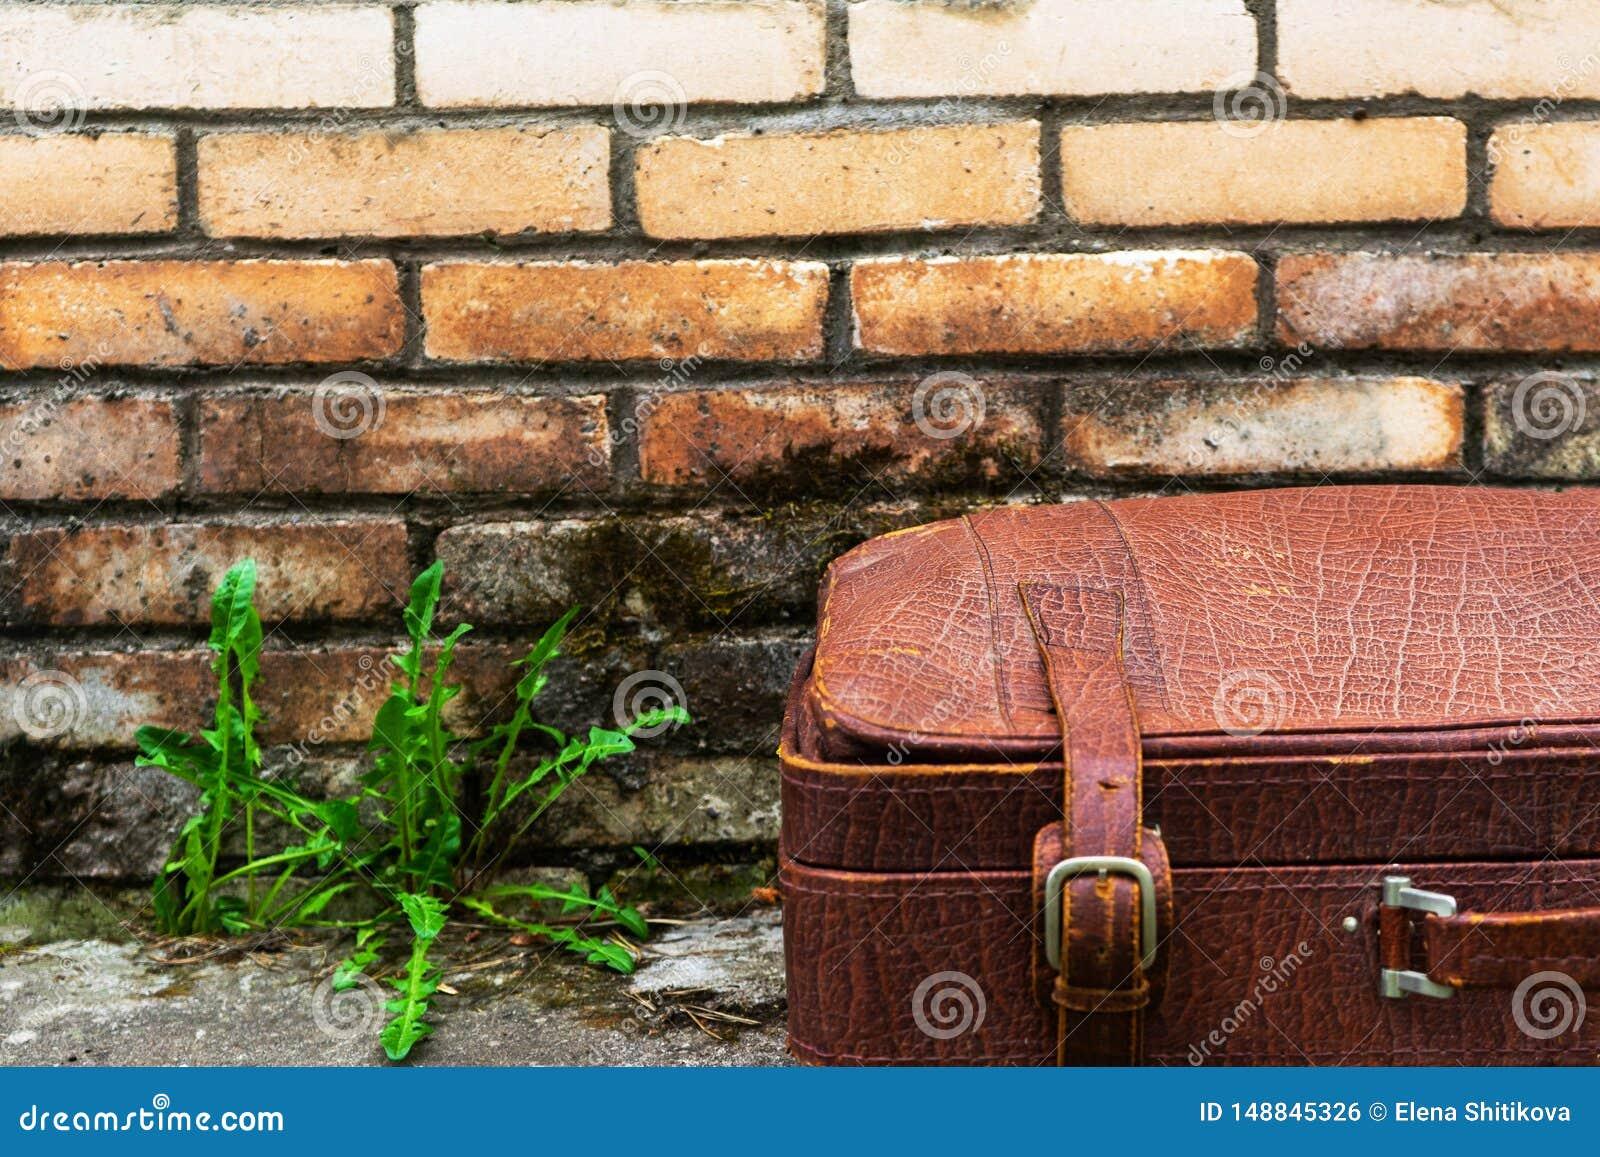 Gammal sjaskig resväska mot bakgrunden av en smutsig tegelstenvägg